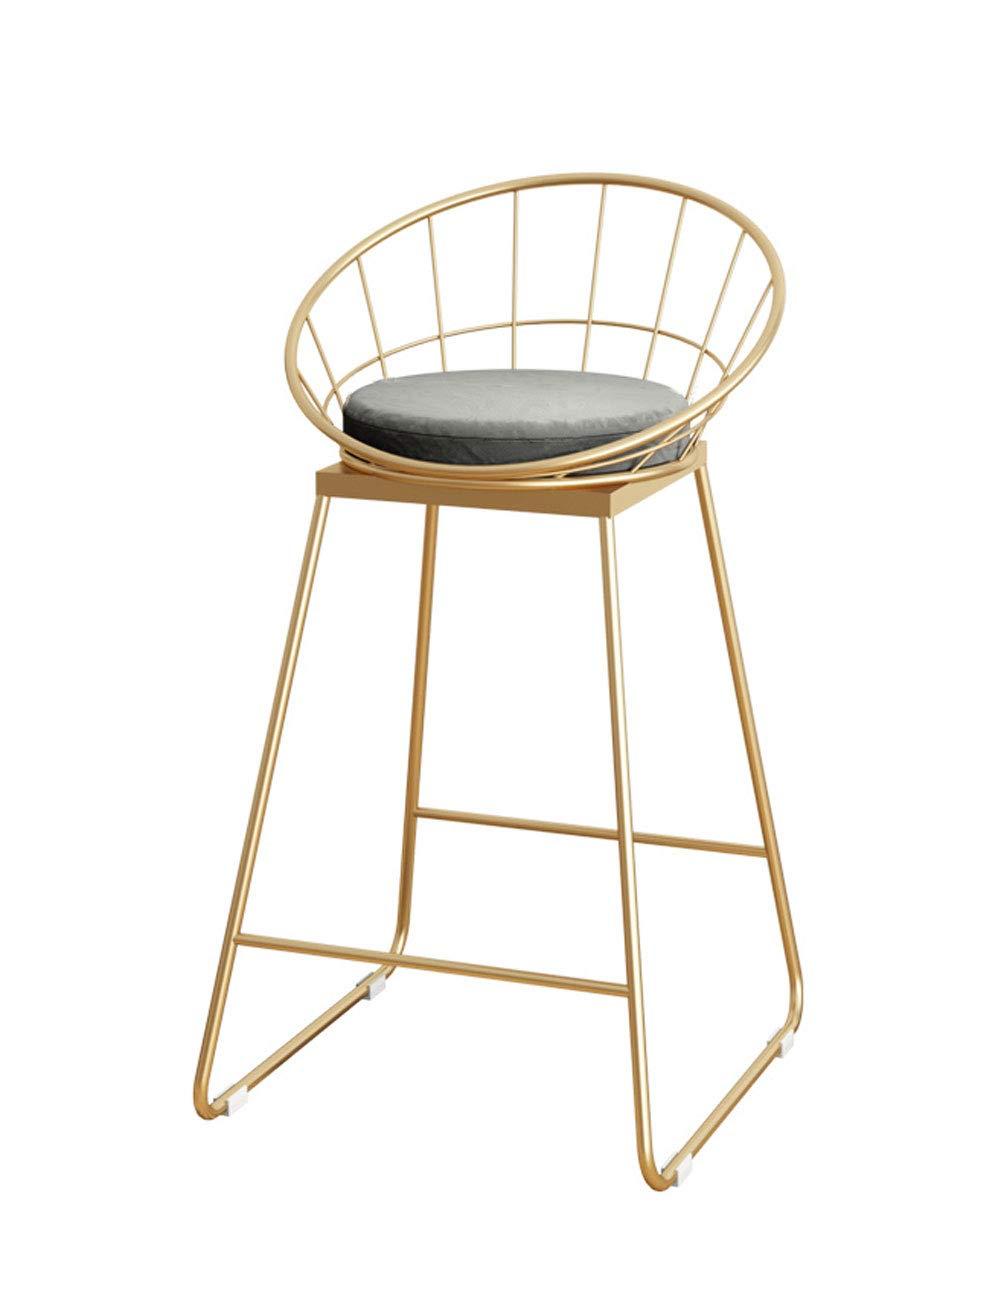 gris  Tabouret de bar en bois massif américain Tabouret haut Tabouret de bar Nordic Chair Coffee Shop Creative Rétro Simple Chaise de Bar (Couleur   Blanc)